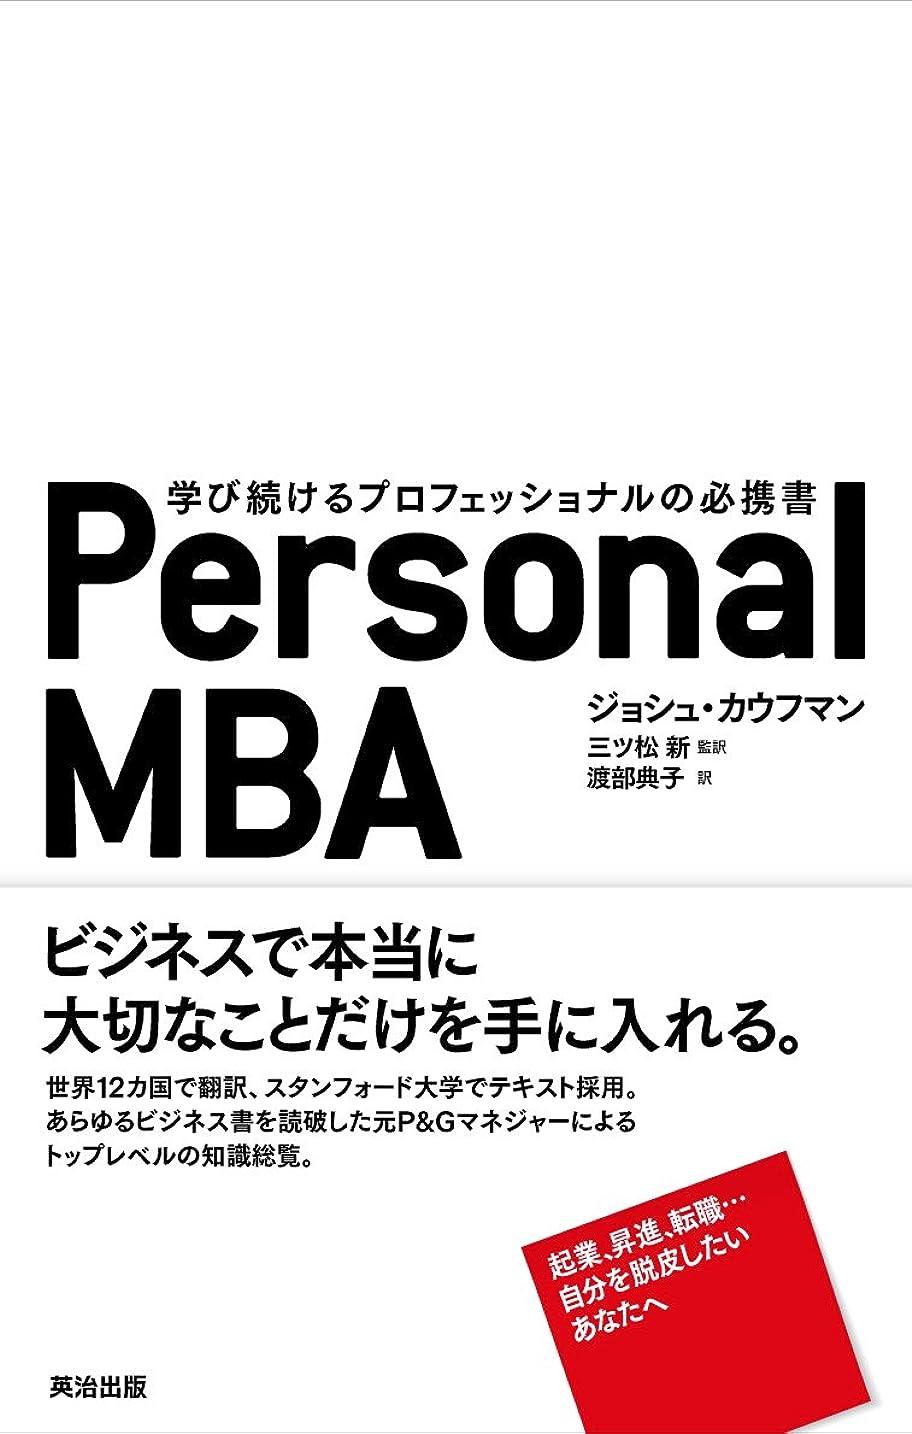 ダイヤル有能な摩擦Personal MBA――学び続けるプロフェッショナルの必携書